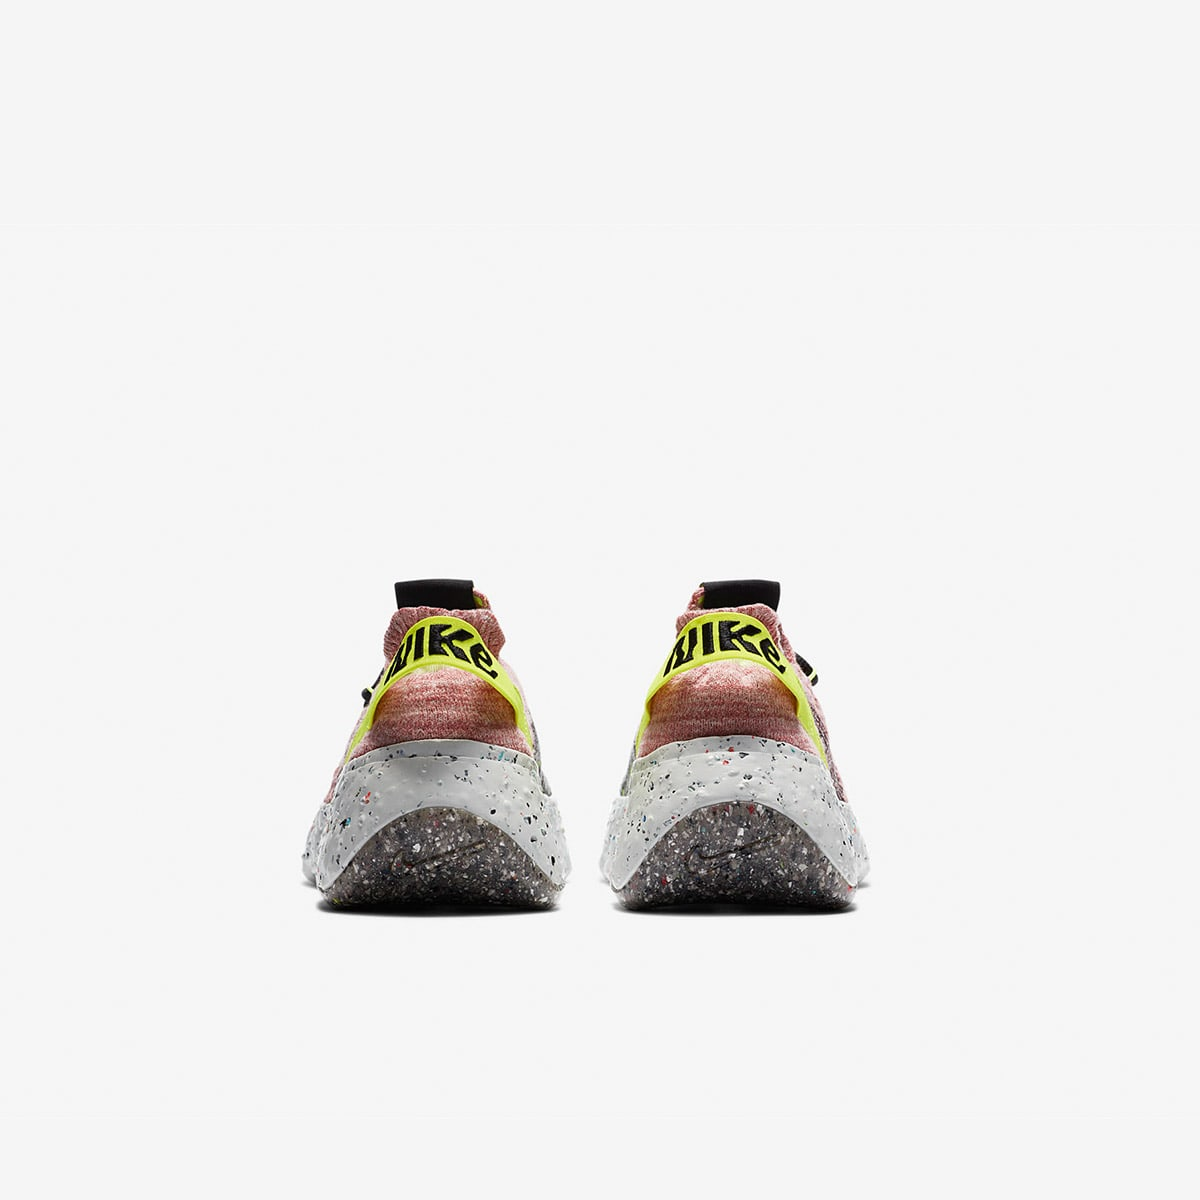 Nike Space Hippie 04 W - CD3476-700